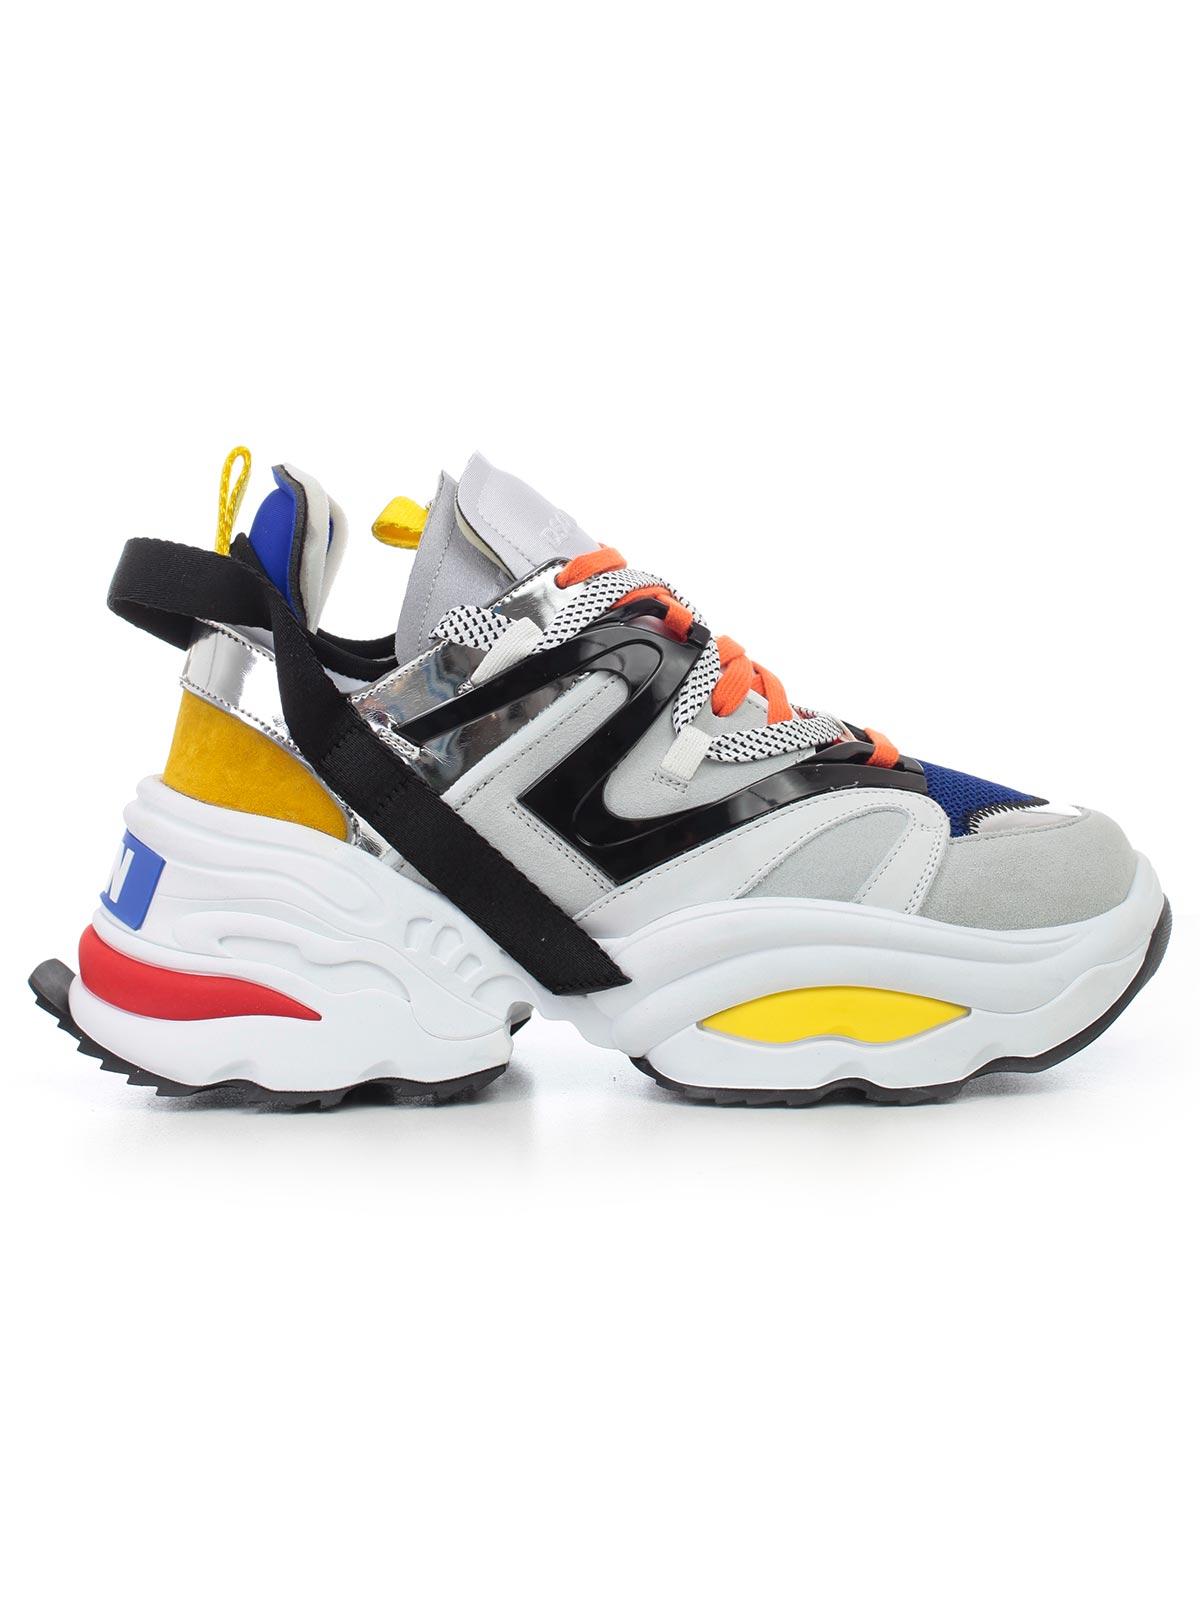 online store 0ac9d 8b98c Dsquared2 Shoes